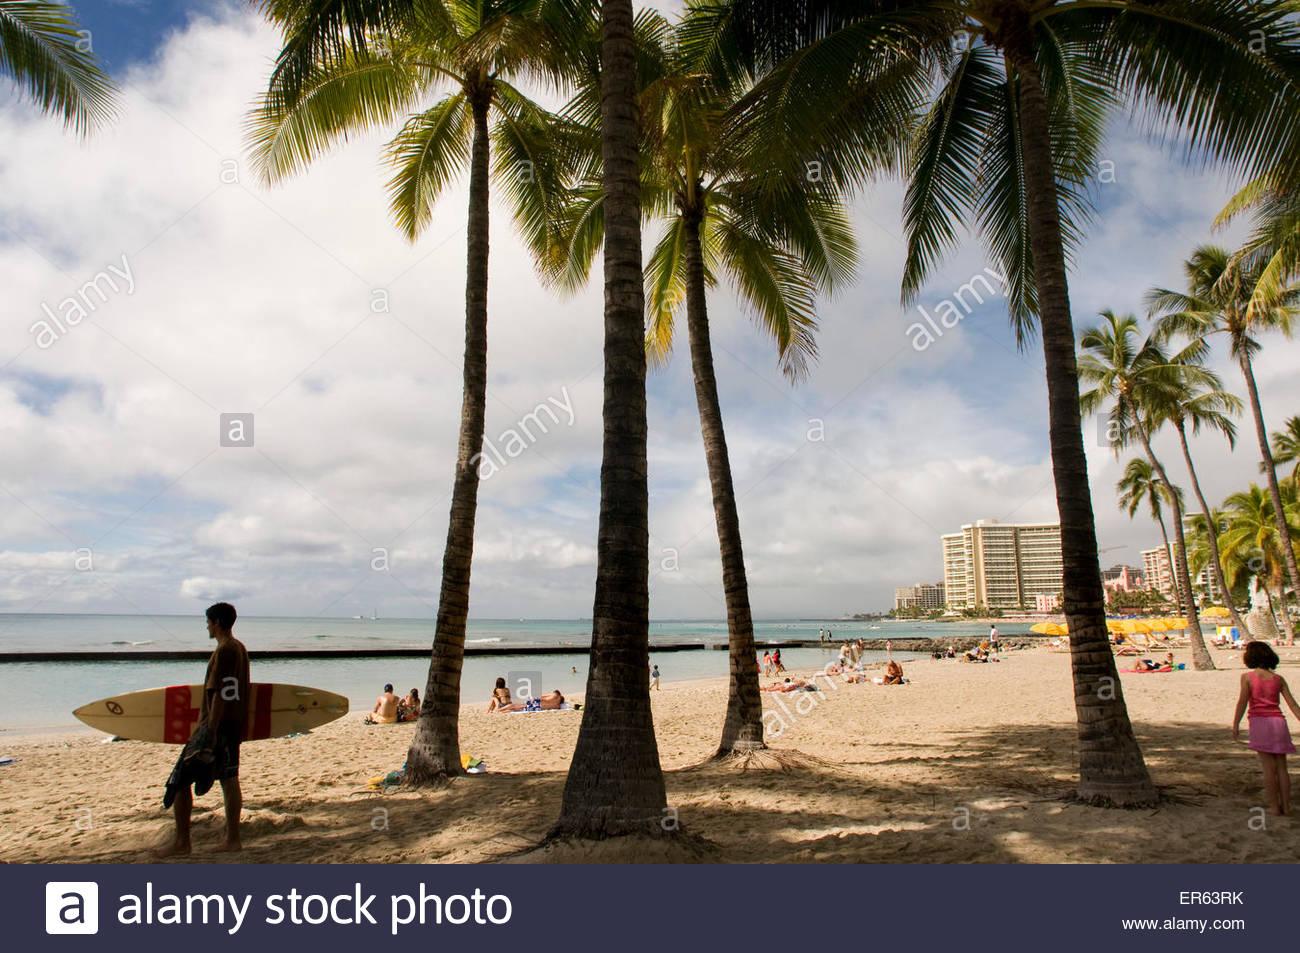 Surfer on the famous Waikiki Beach. Kalakaua Avenue. O'ahu. Hawaii. Located on the south shore of Honolulu, - Stock Image